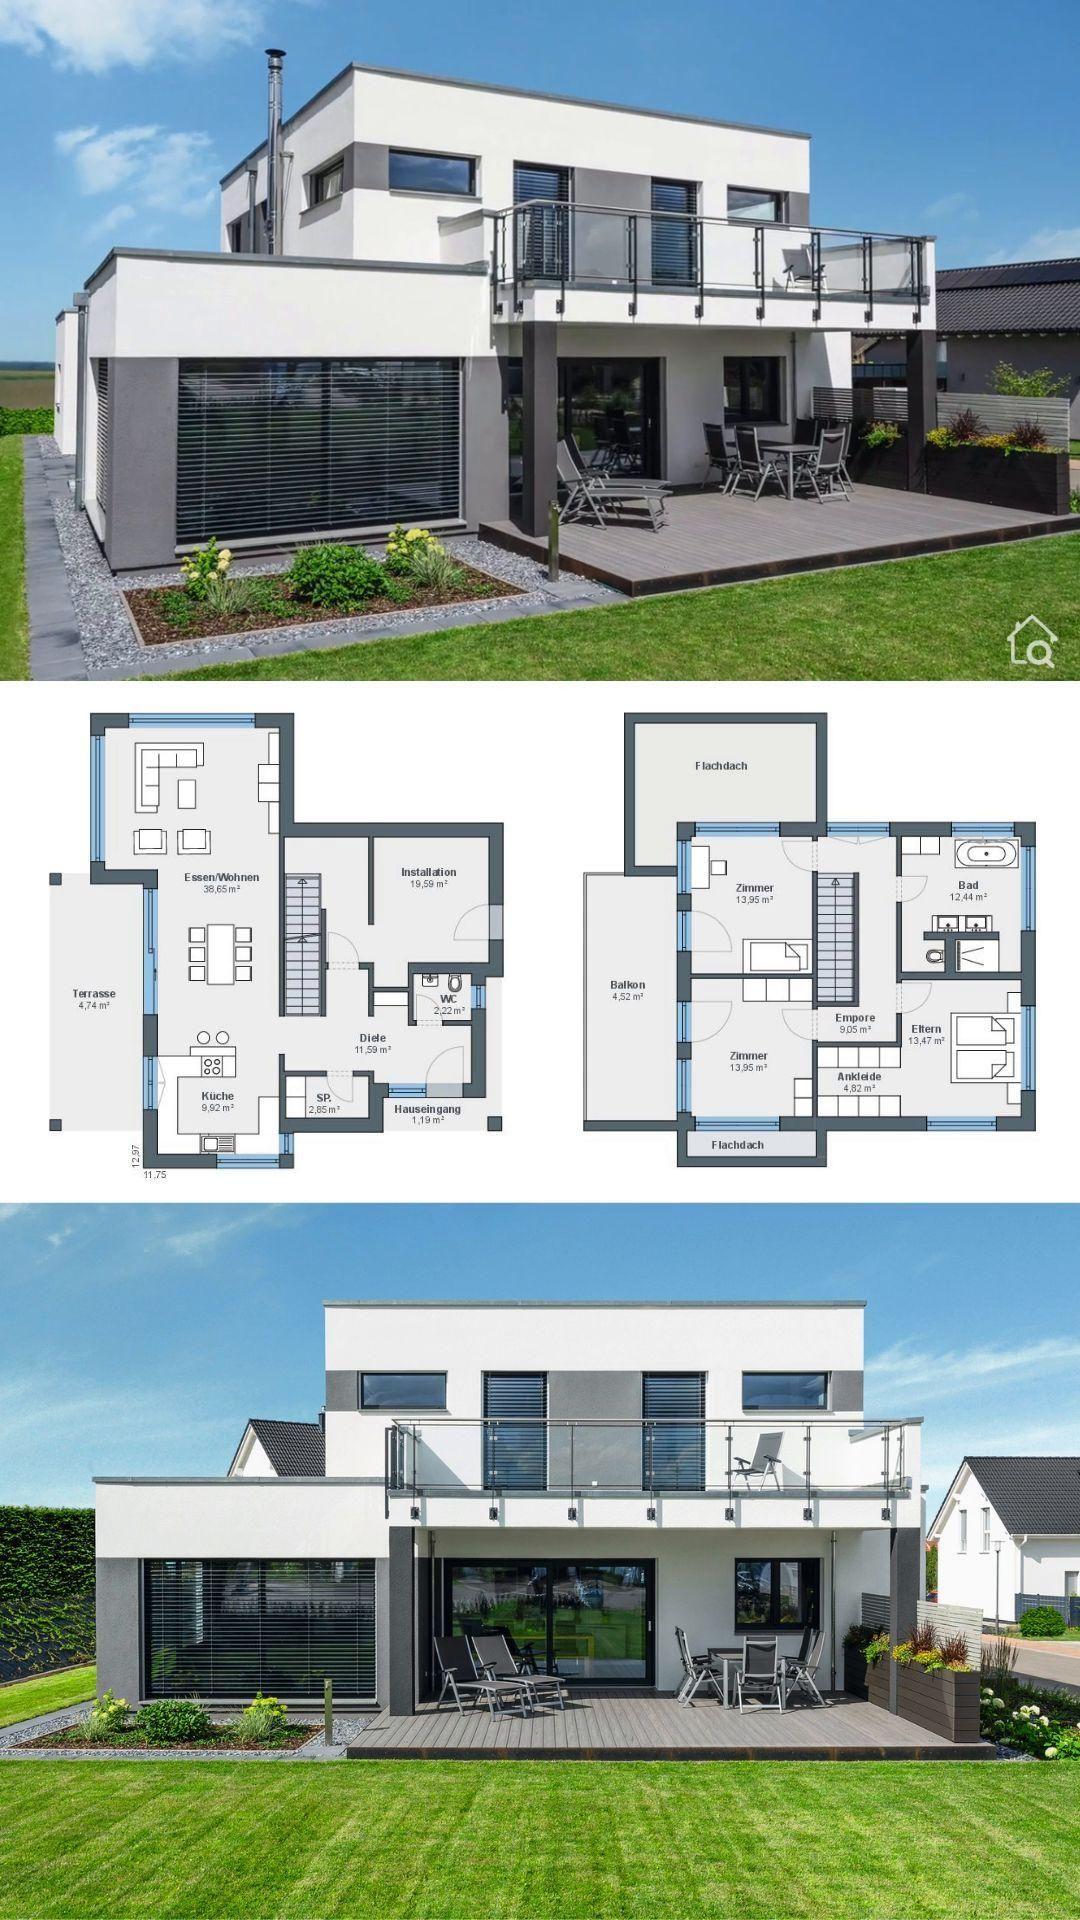 Moderne Einfamilienhaus Architektur mit Flachdach & offenem Haus Grundriss, Hausbau Ideen Fertighaus